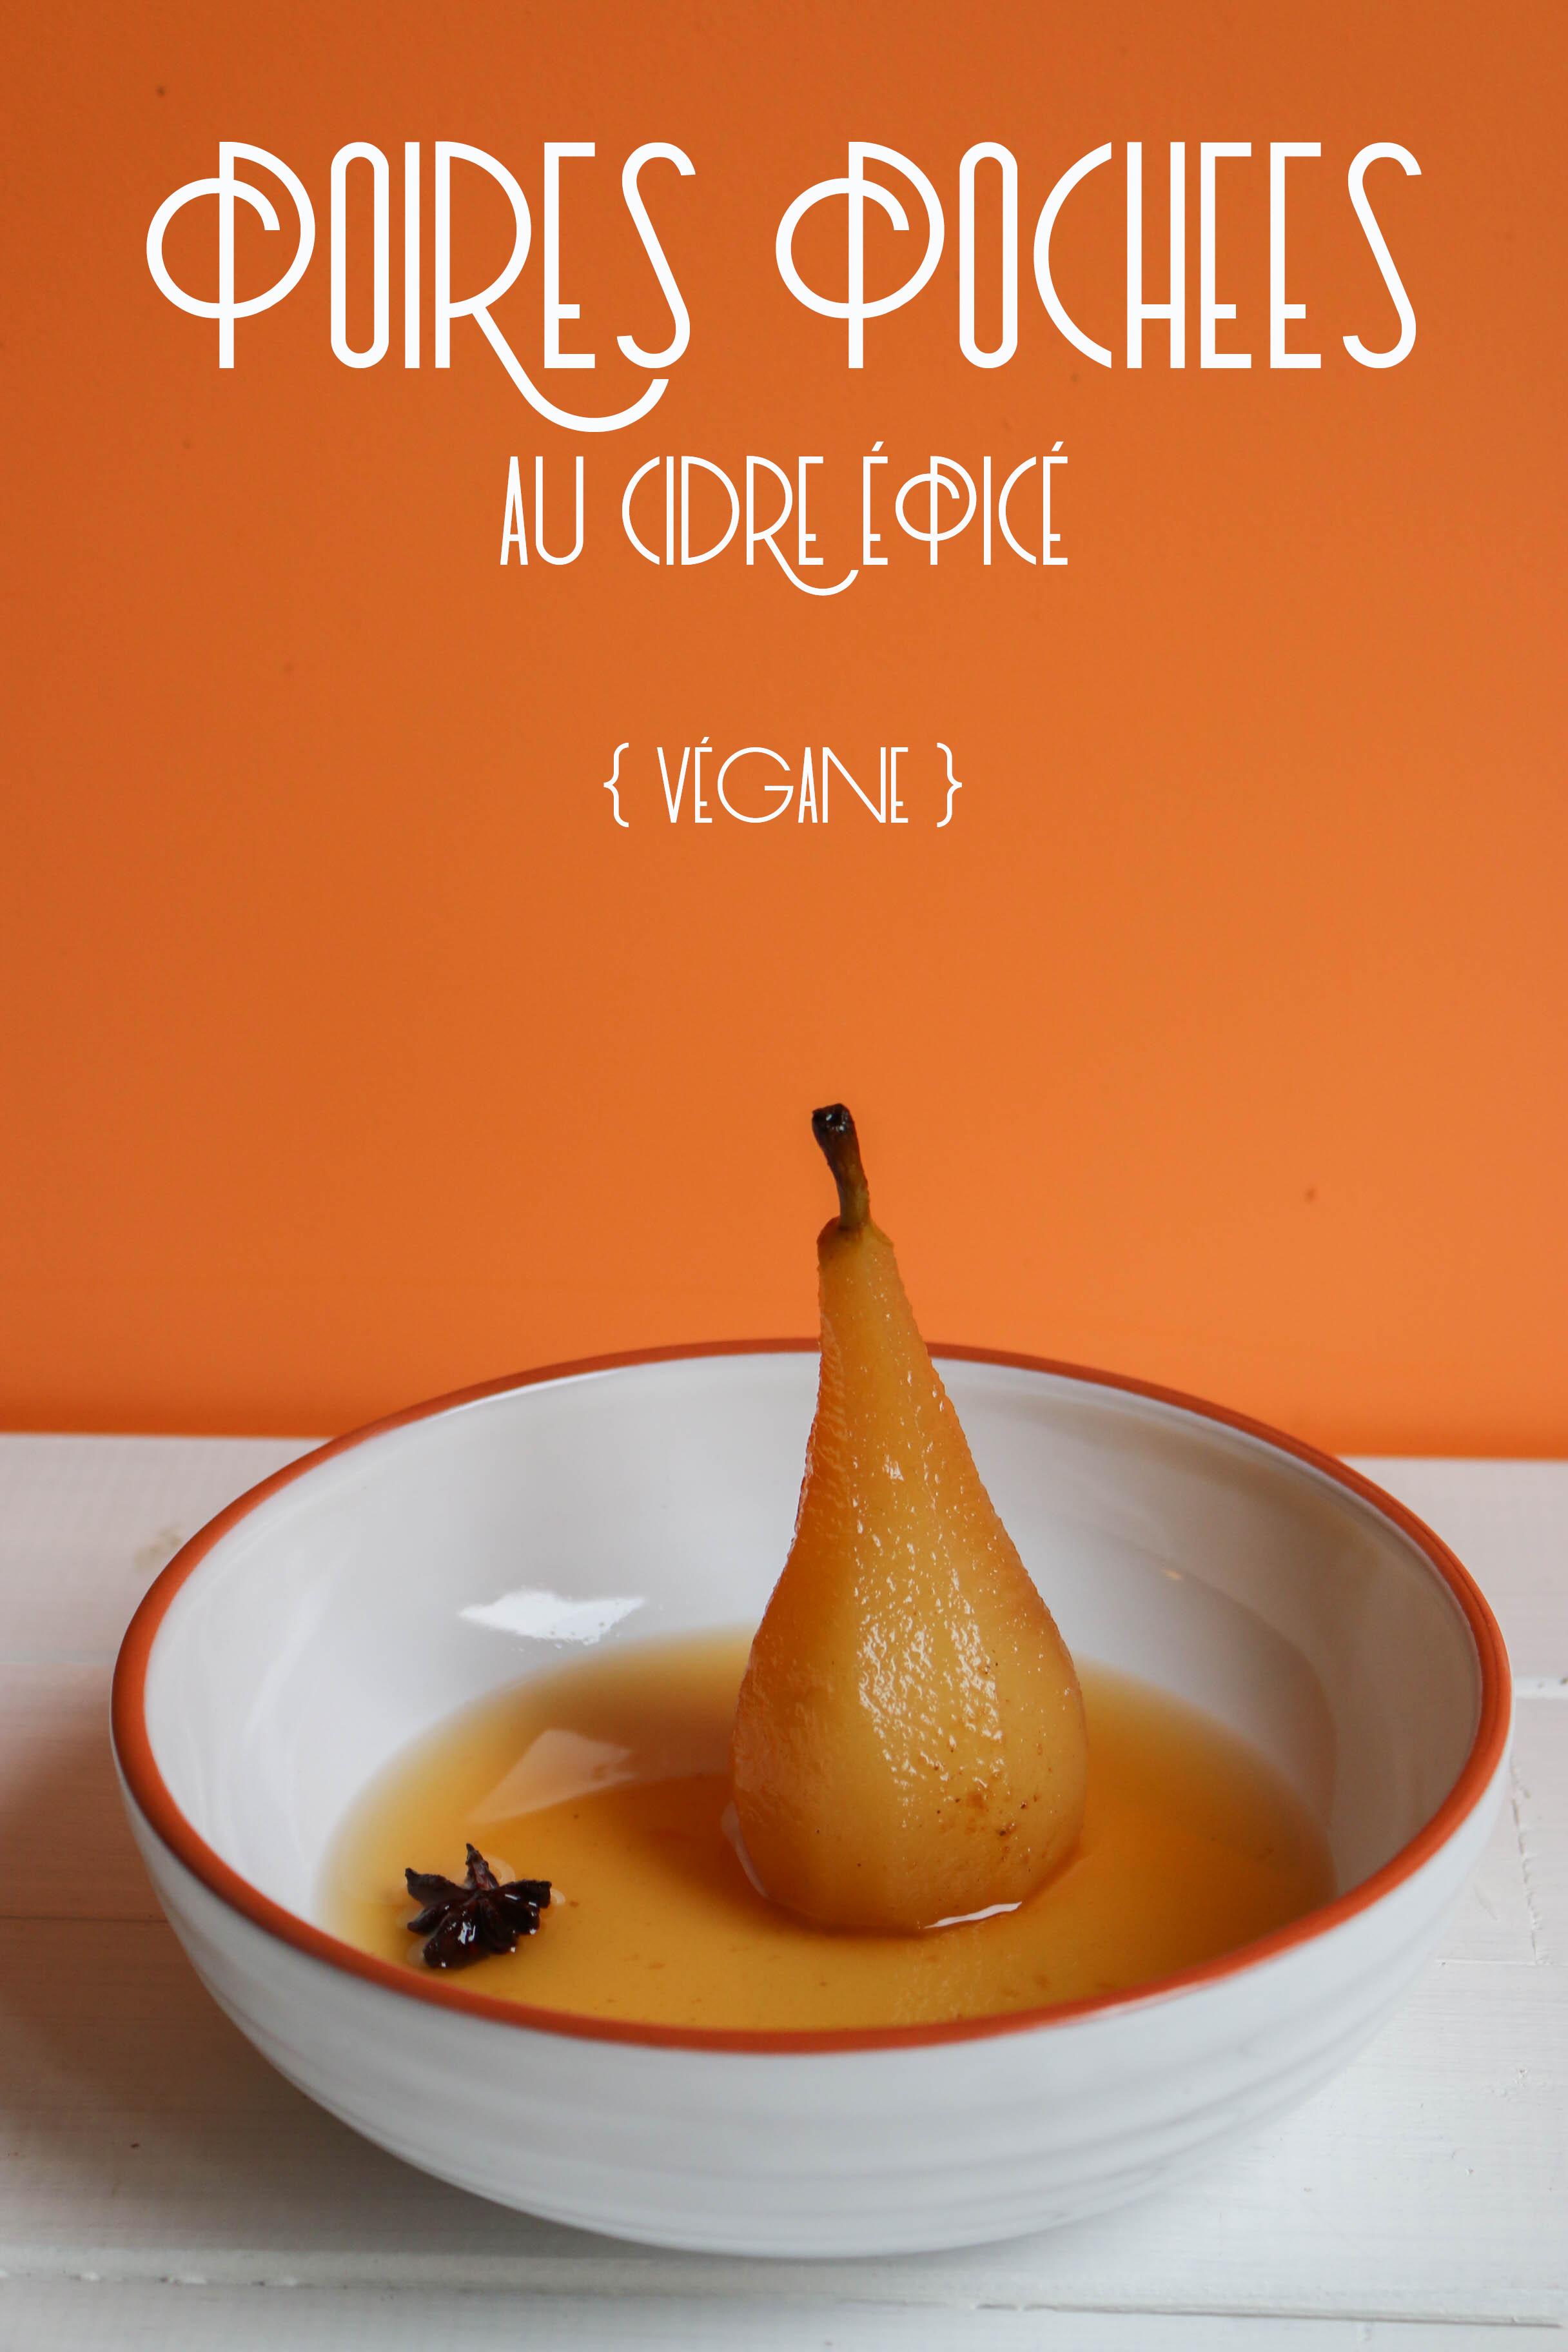 recette poire pochée au cidre épicé